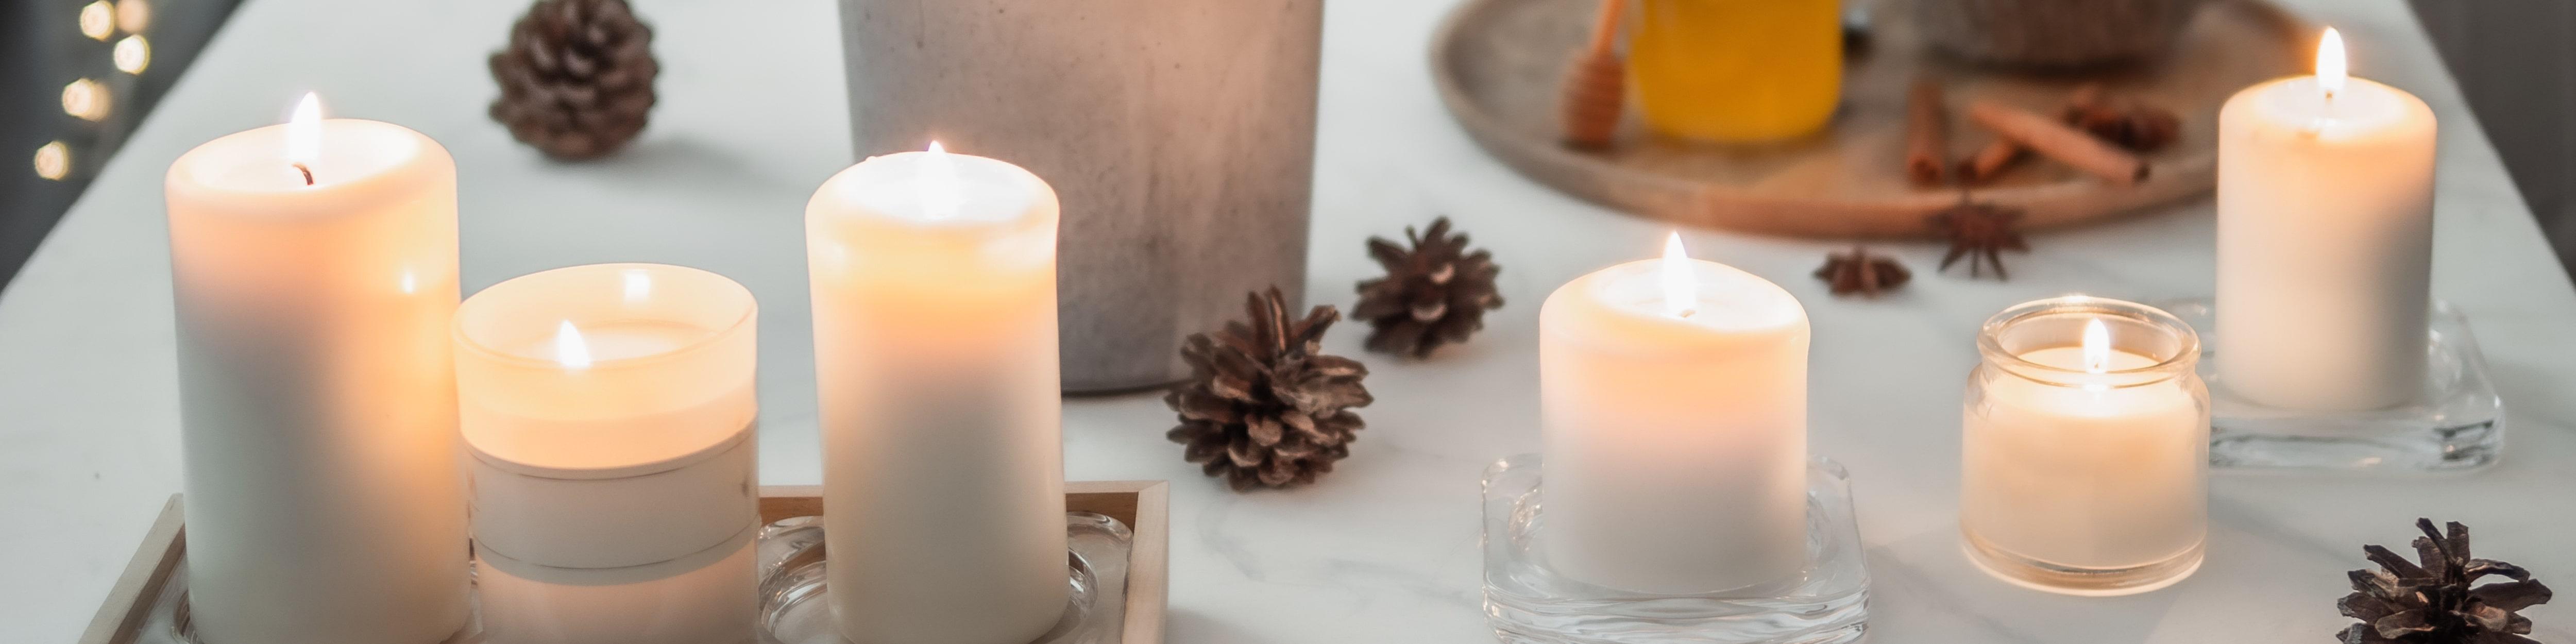 les bougies pour un intérieur hygge